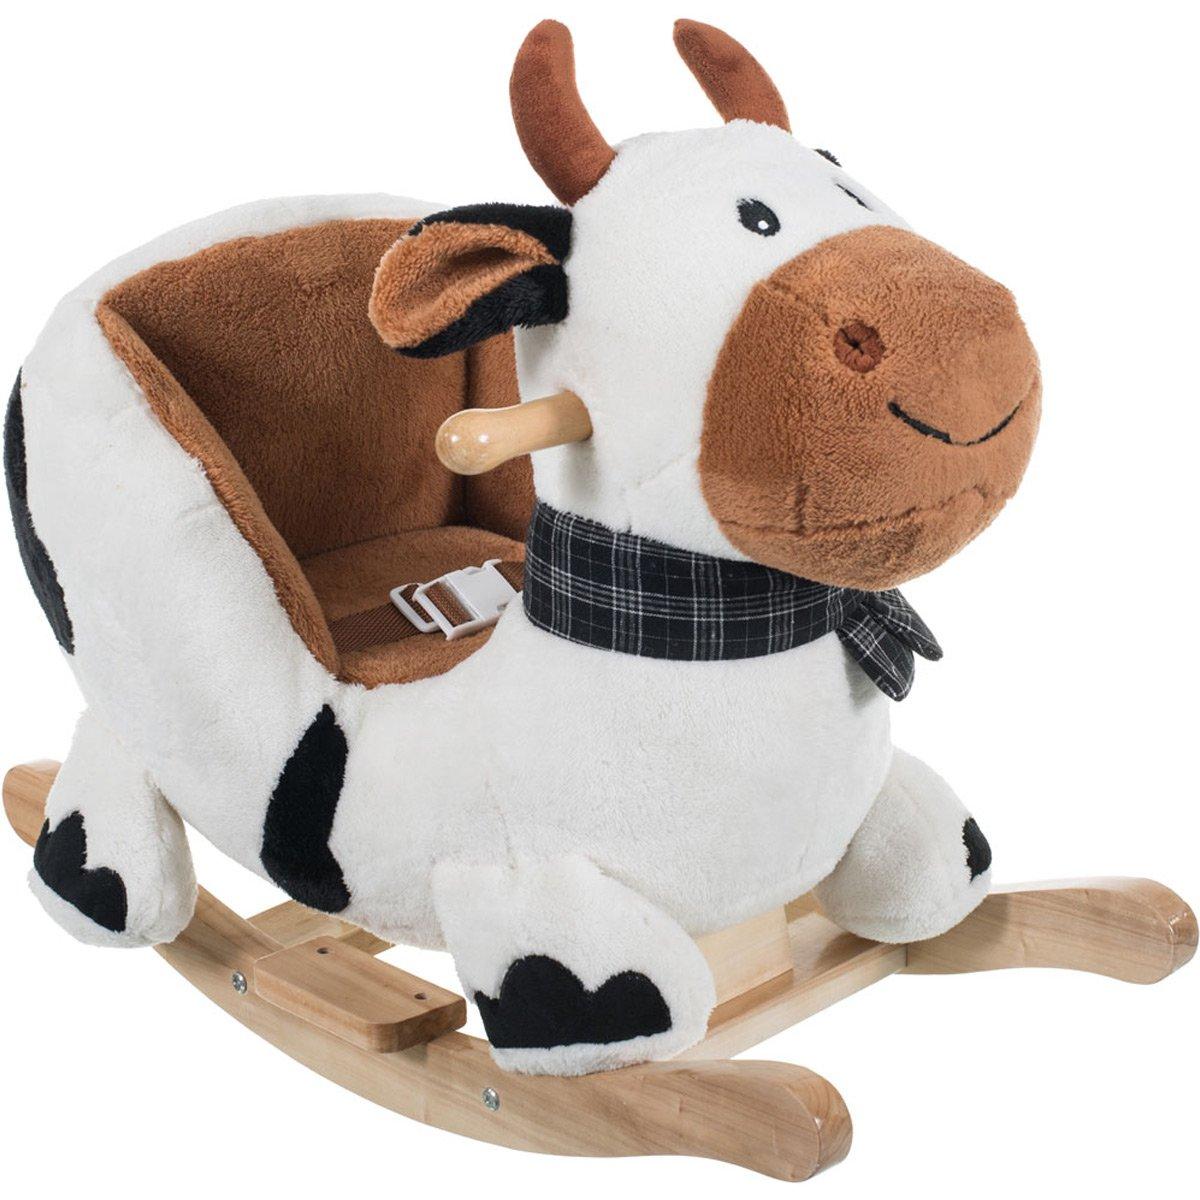 Schaukel Kuh Schaukelpferd Kuh Kinder Schaukeln: Baby Schaukelpferd Plüsch Tier Schaukeltier Holz Schaukel Wippe